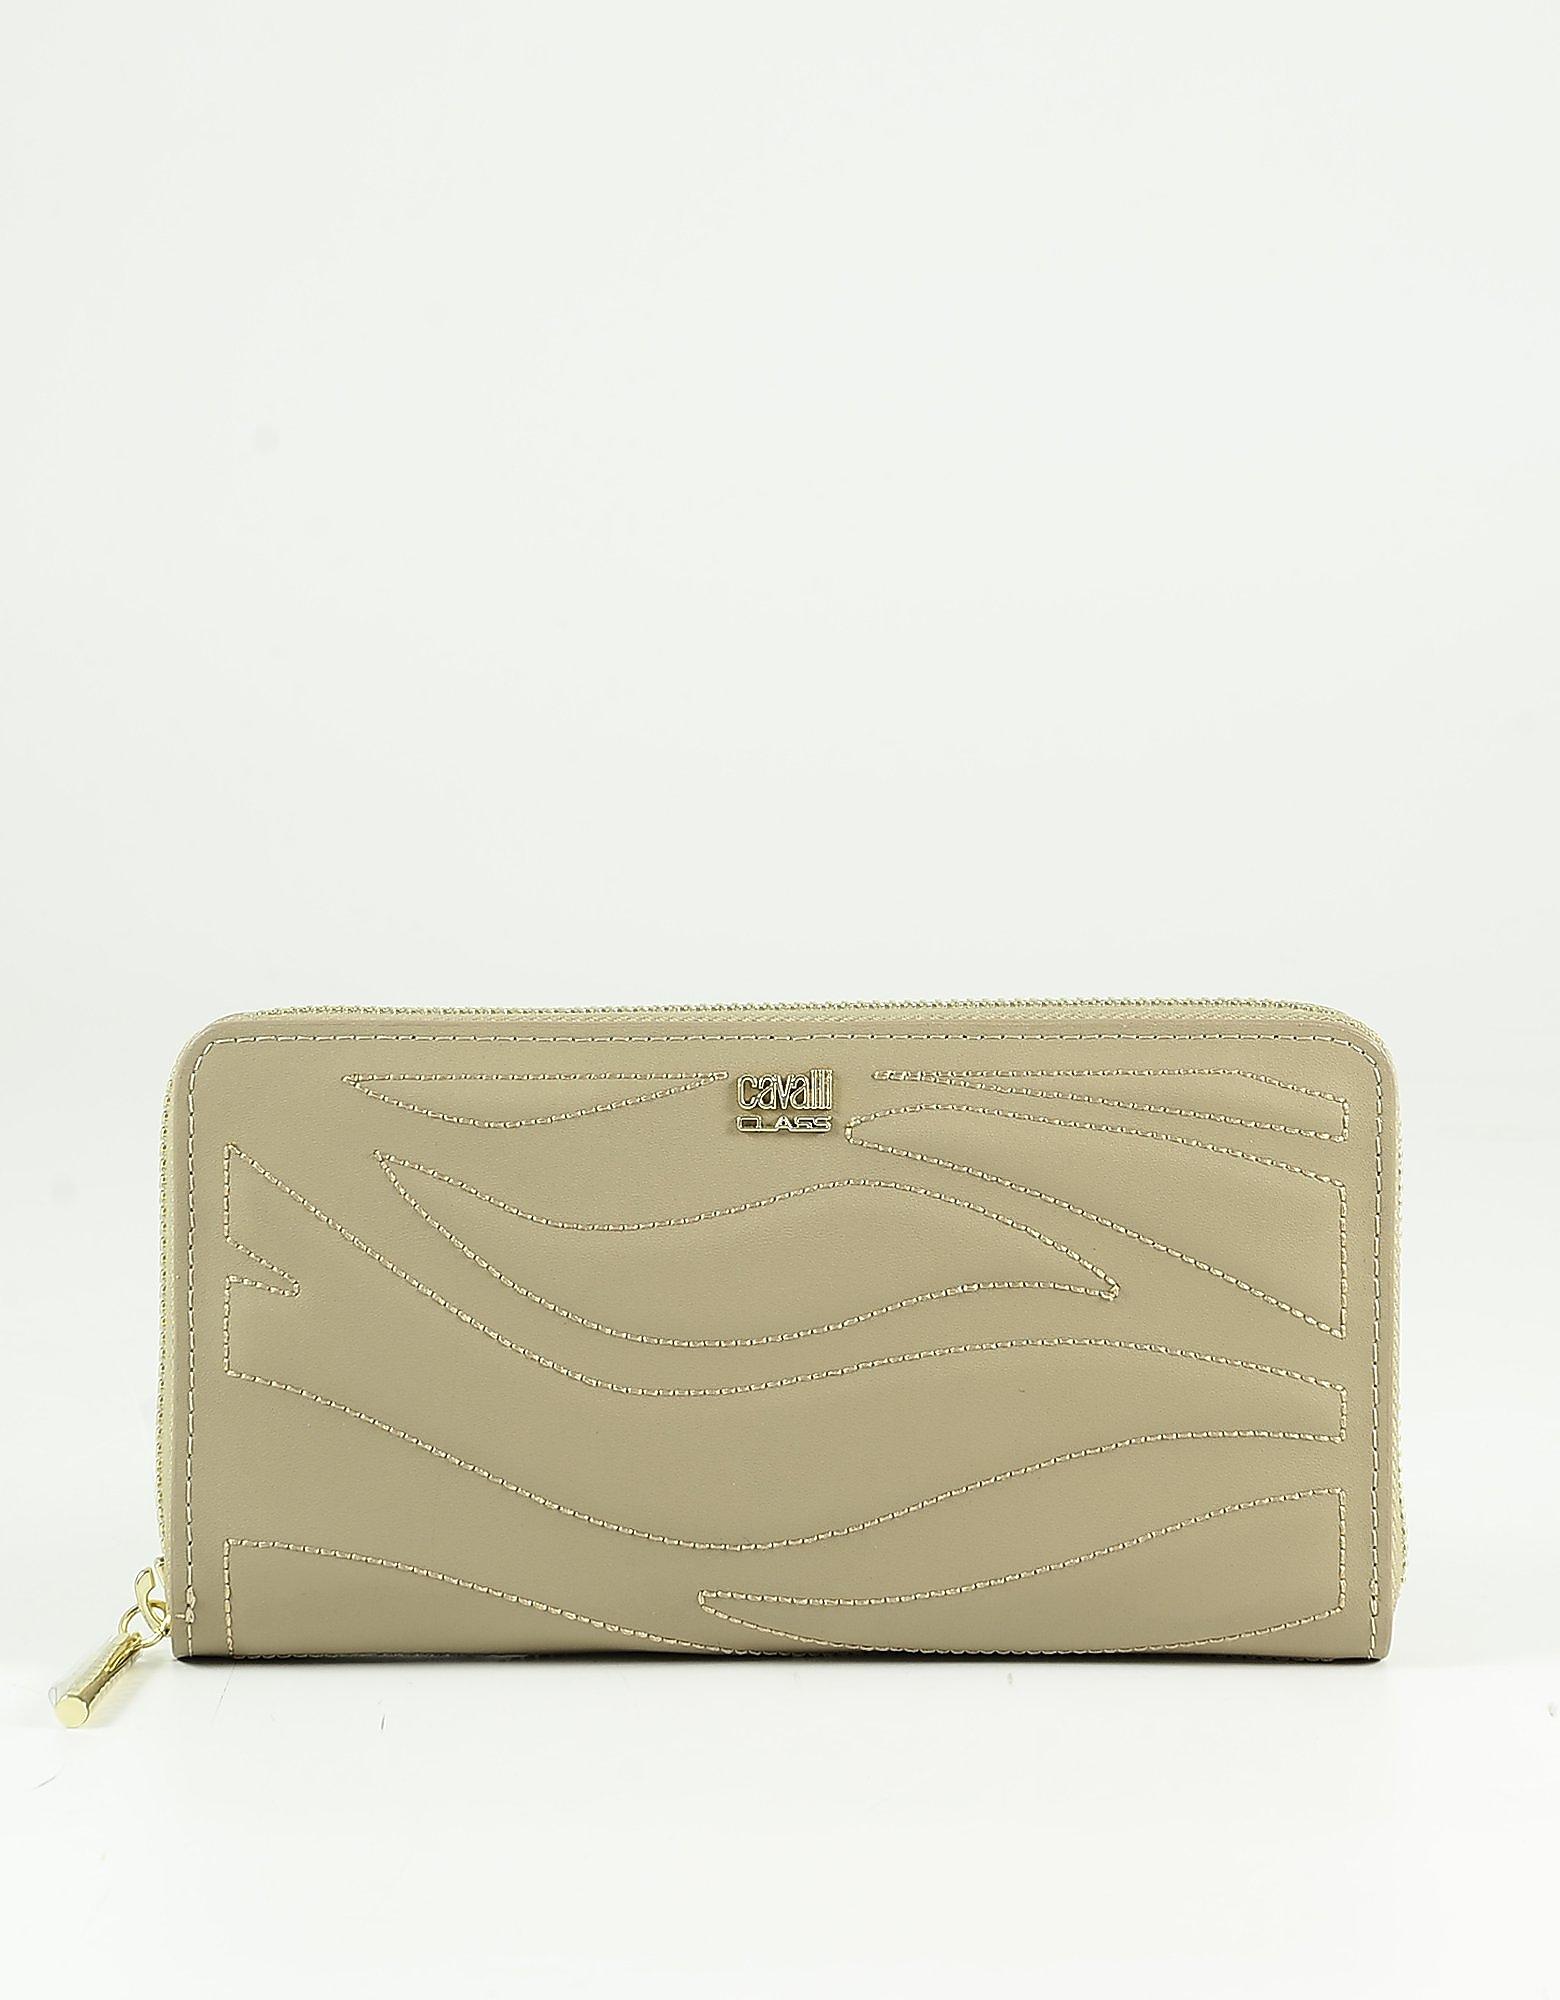 Class Roberto Cavalli Light Brown Leather Women's Zip-around Continental Wallet In Beige